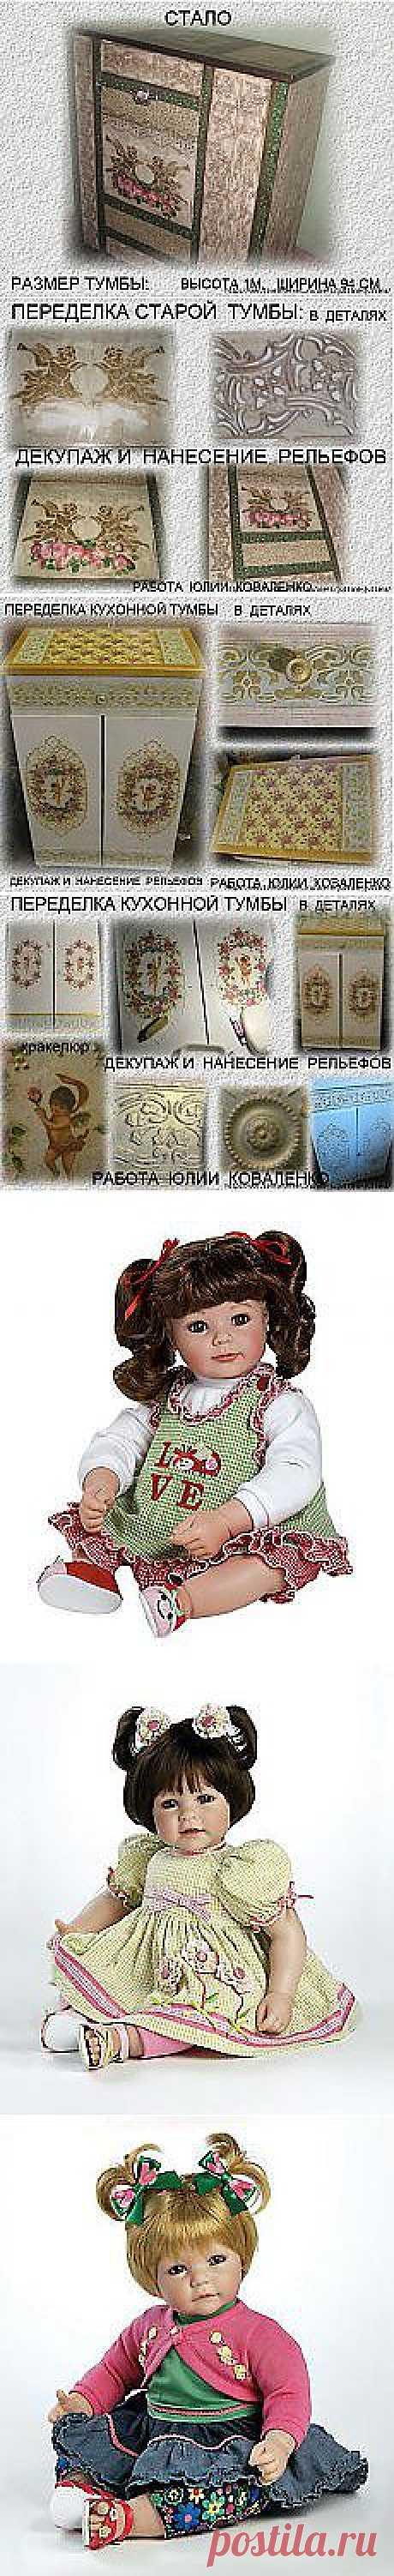 Мои подписки | Постила.ru